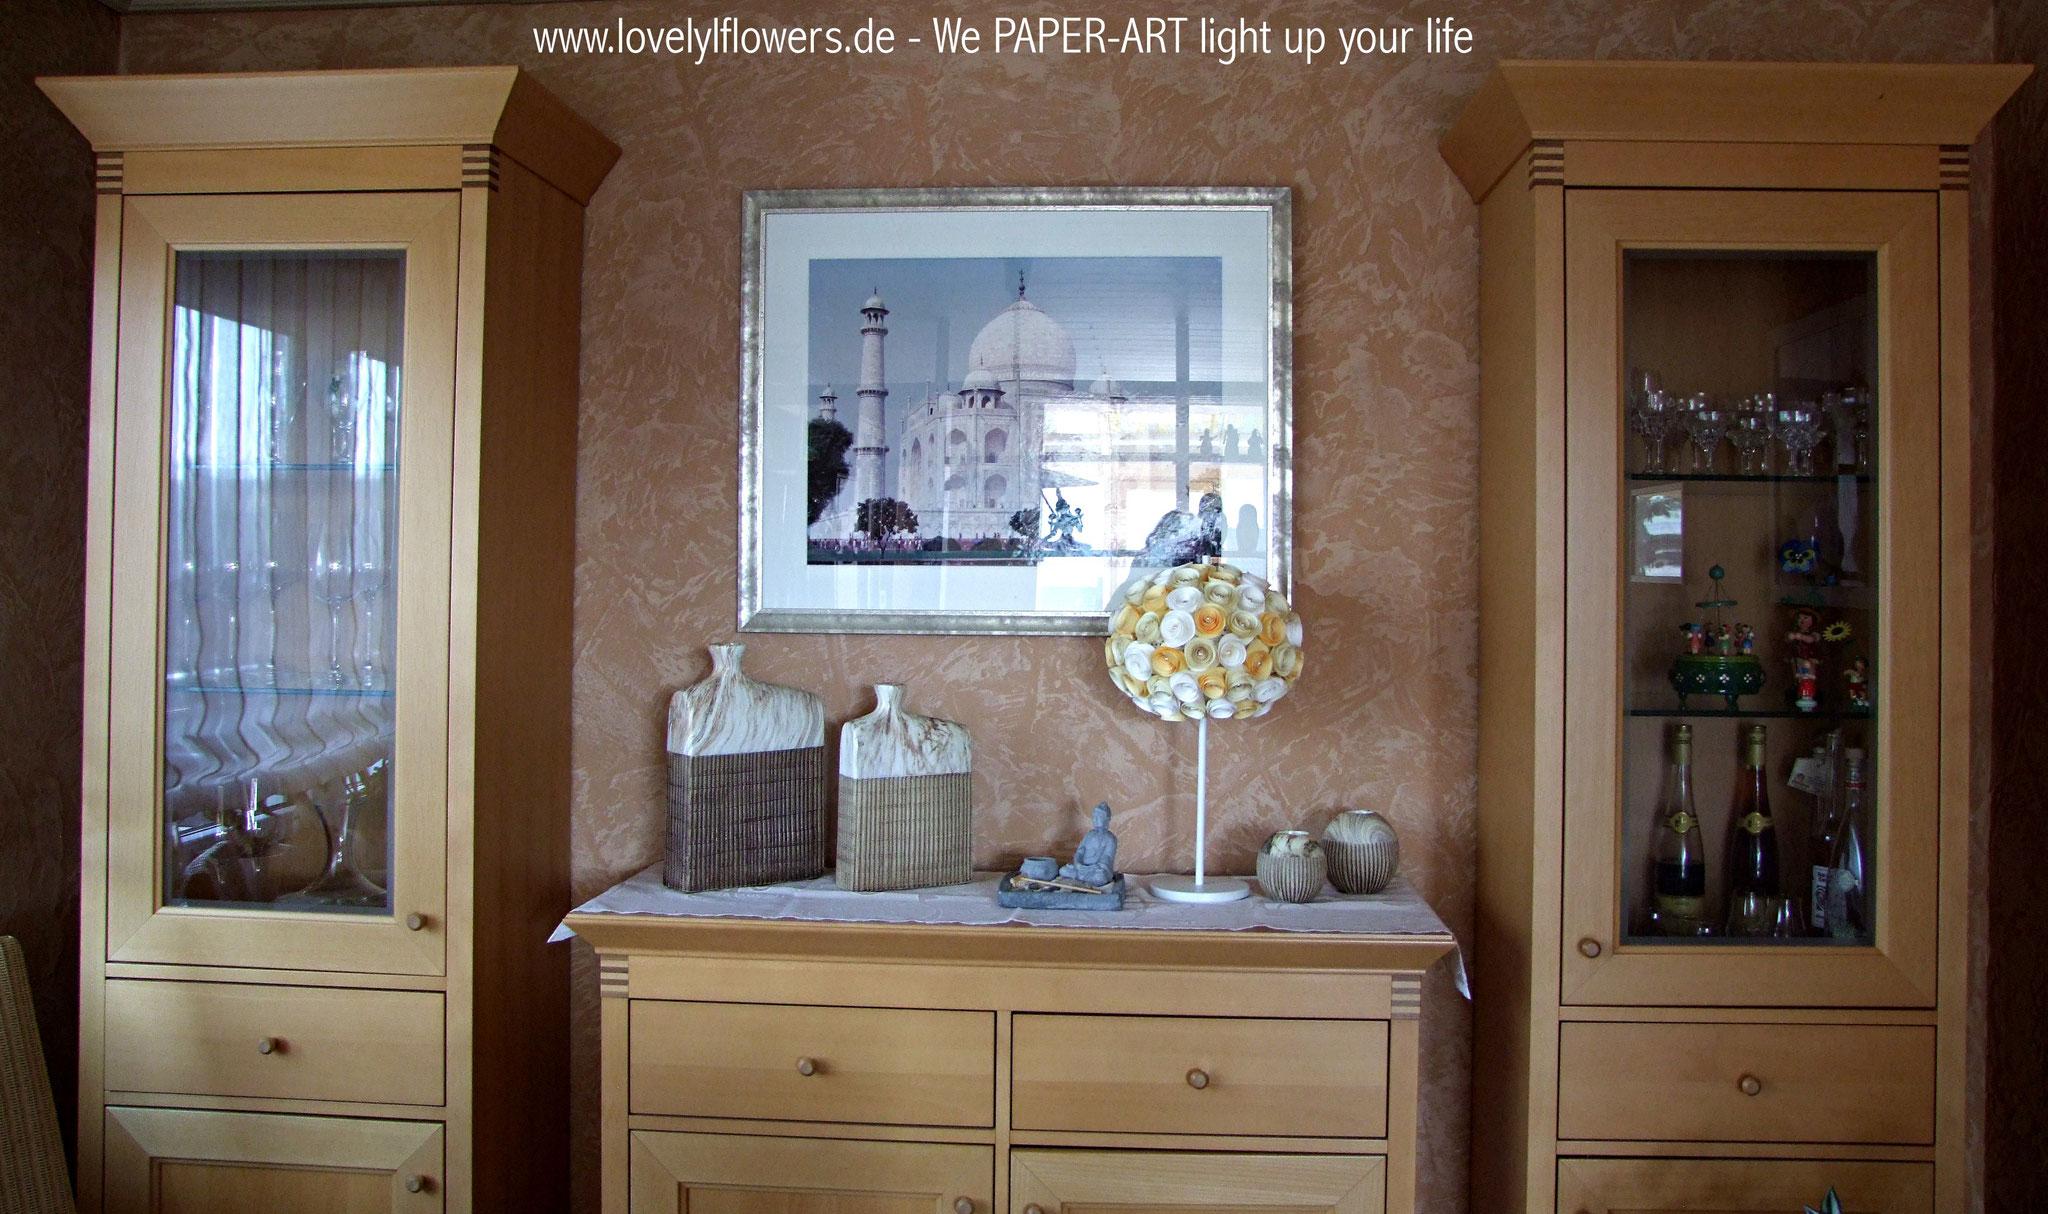 www.lovelyflowers.de - Paper Art Lampen sind die romantischste Wohndeko!